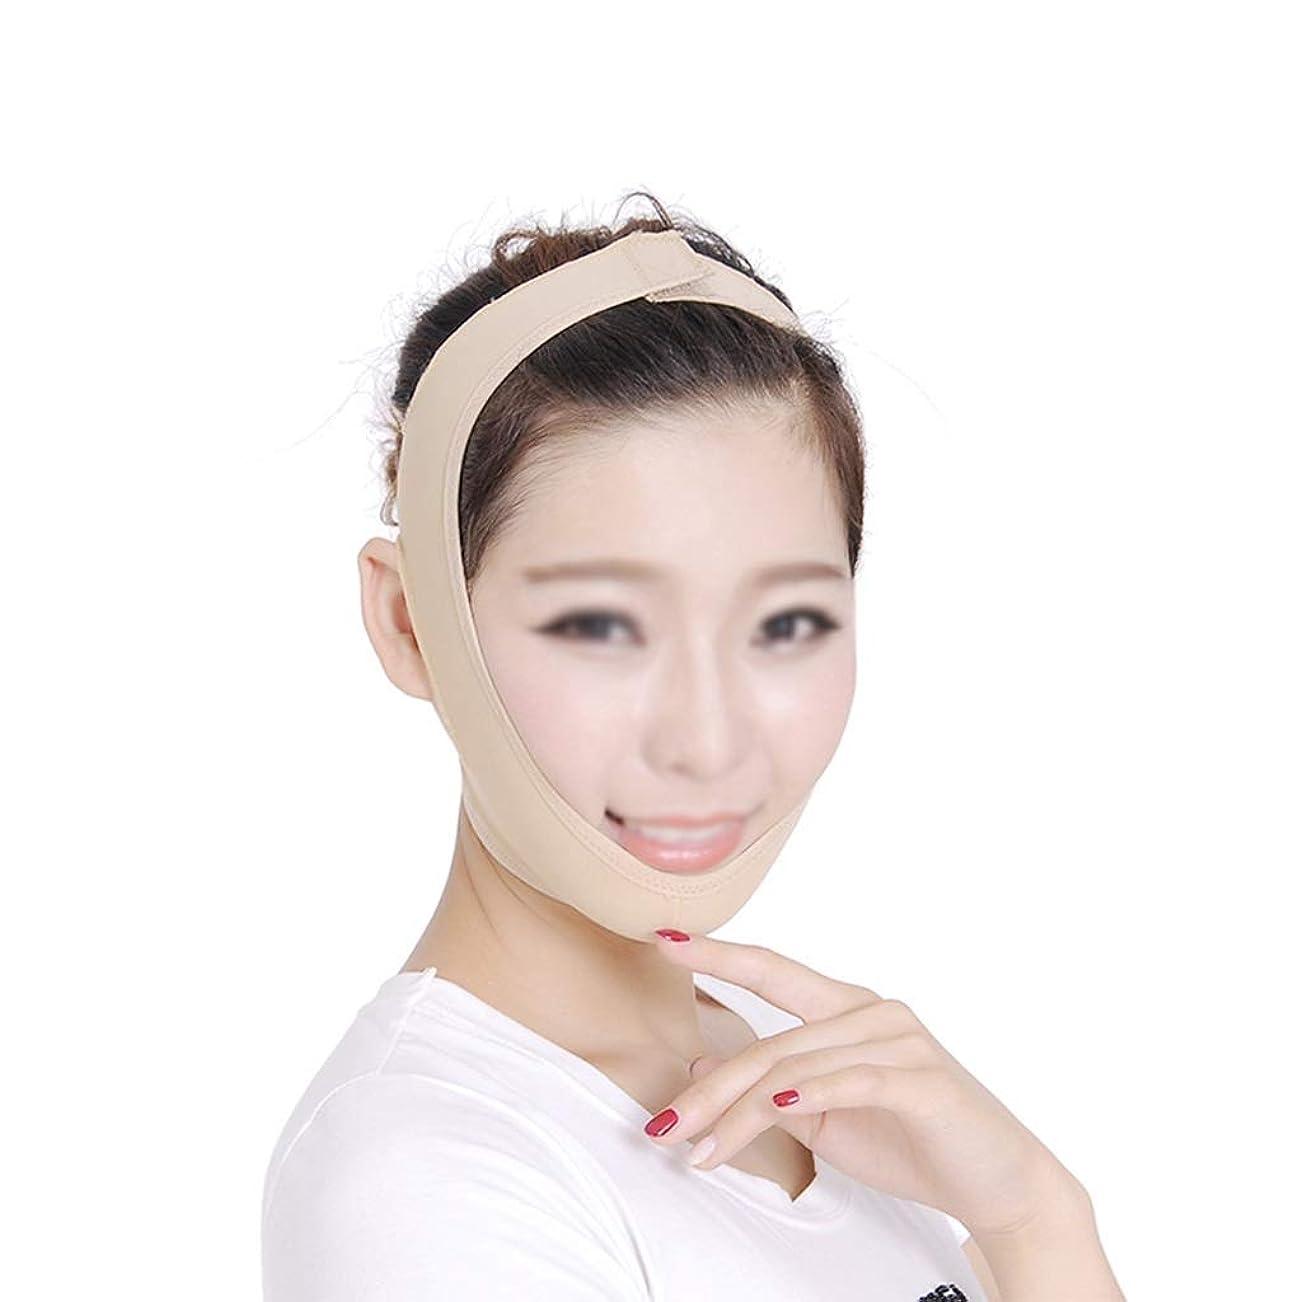 ブレーキ教科書細部フェイシャル減量マスクリフティングフェイス、フェイスマスク、減量包帯を除去するためのダブルチン、フェイシャルリフティング包帯、ダブルチンを減らすためのリフティングベルト(カラー:ブラック、サイズ:M),イエローピンク、XL